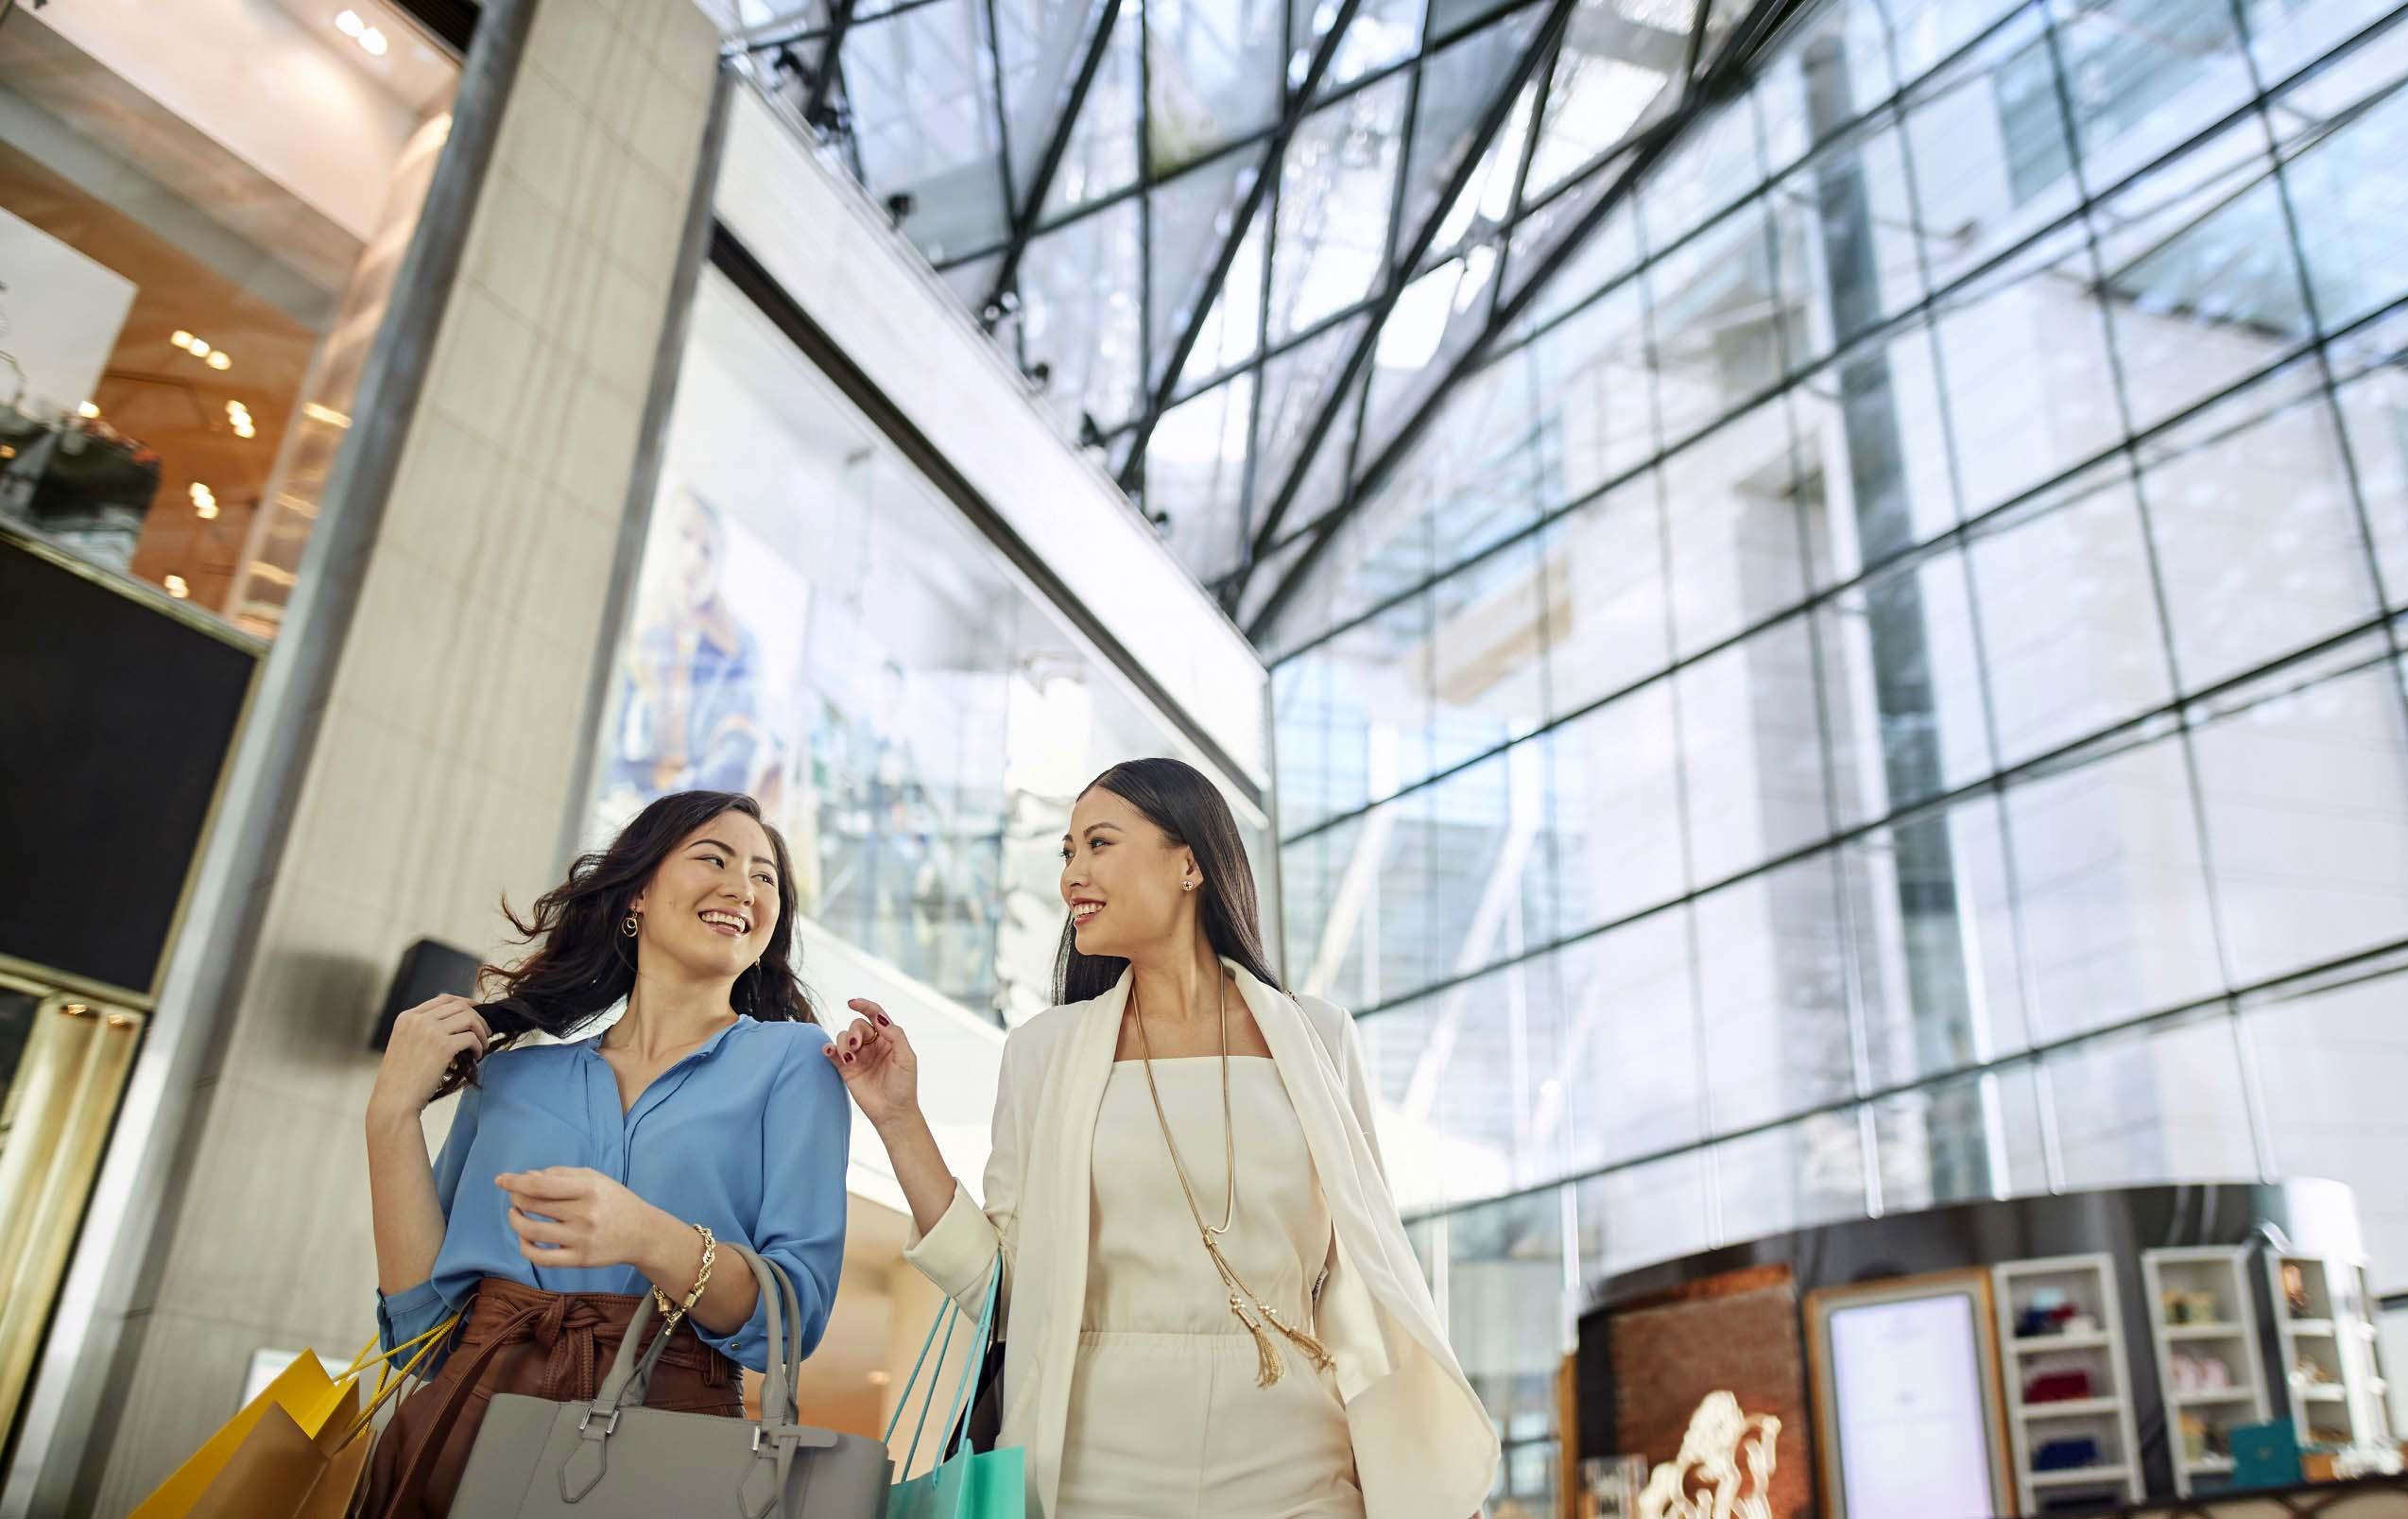 """""""الثقافة والسياحة"""" تطلق  حملة """"اكتشف أبوظبي"""" لتعزيز السياحة الداخلية"""